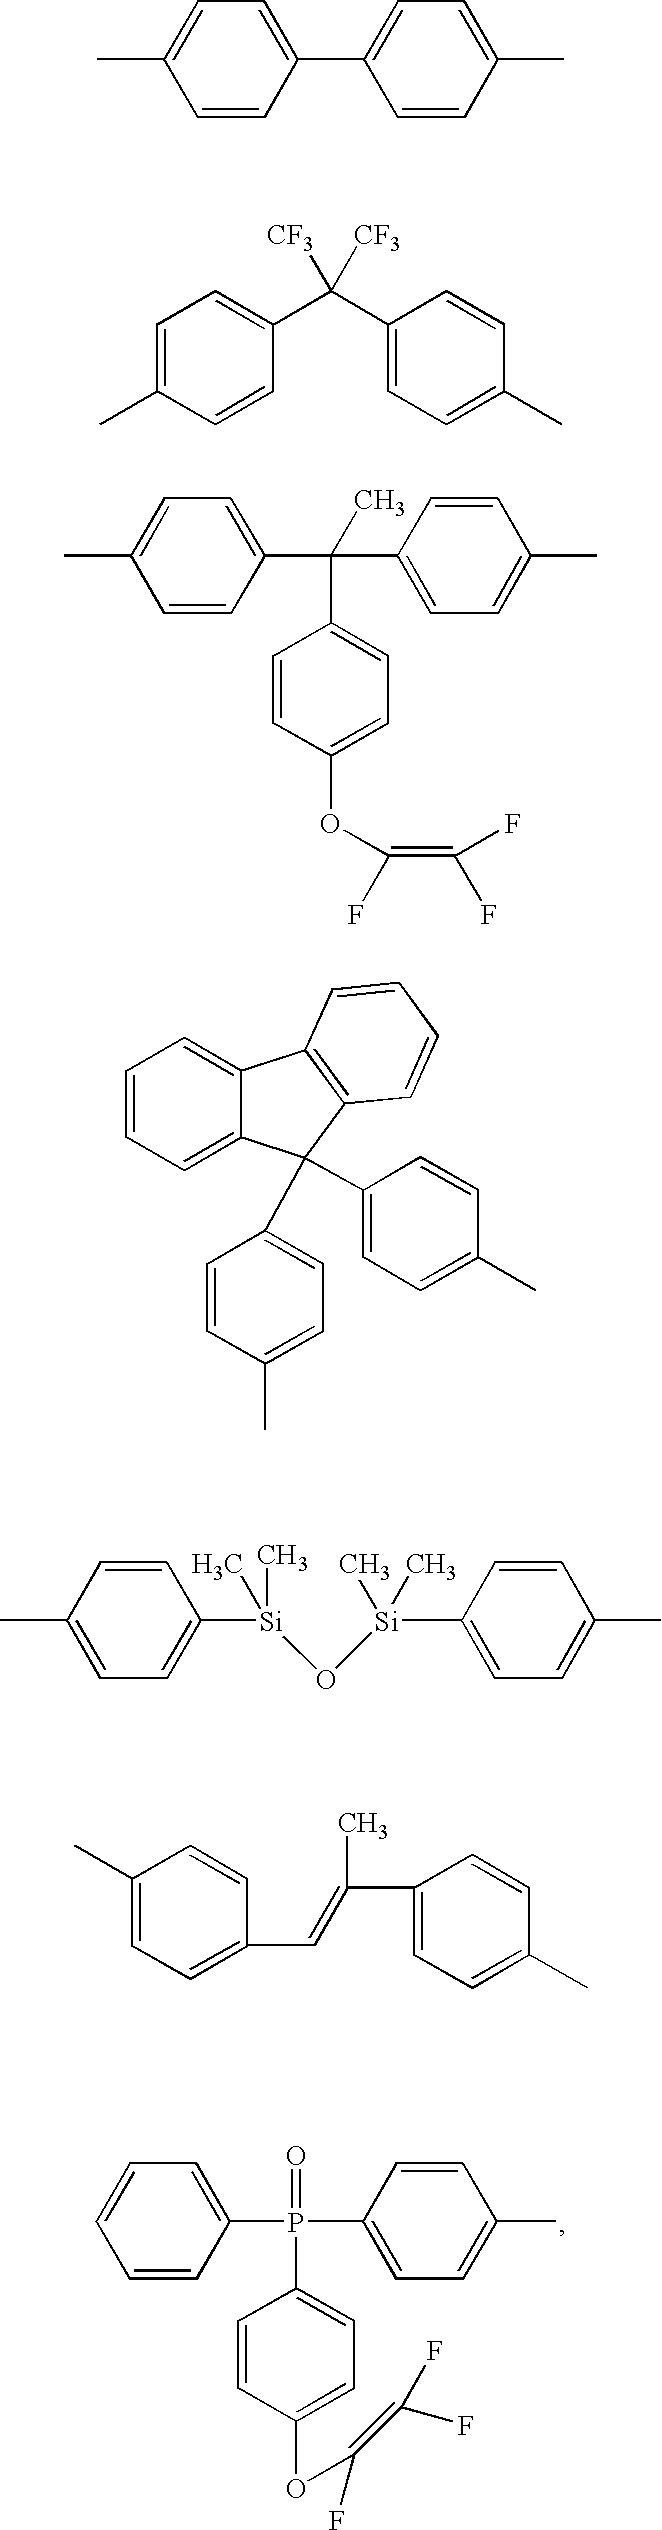 Figure US06649715-20031118-C00006